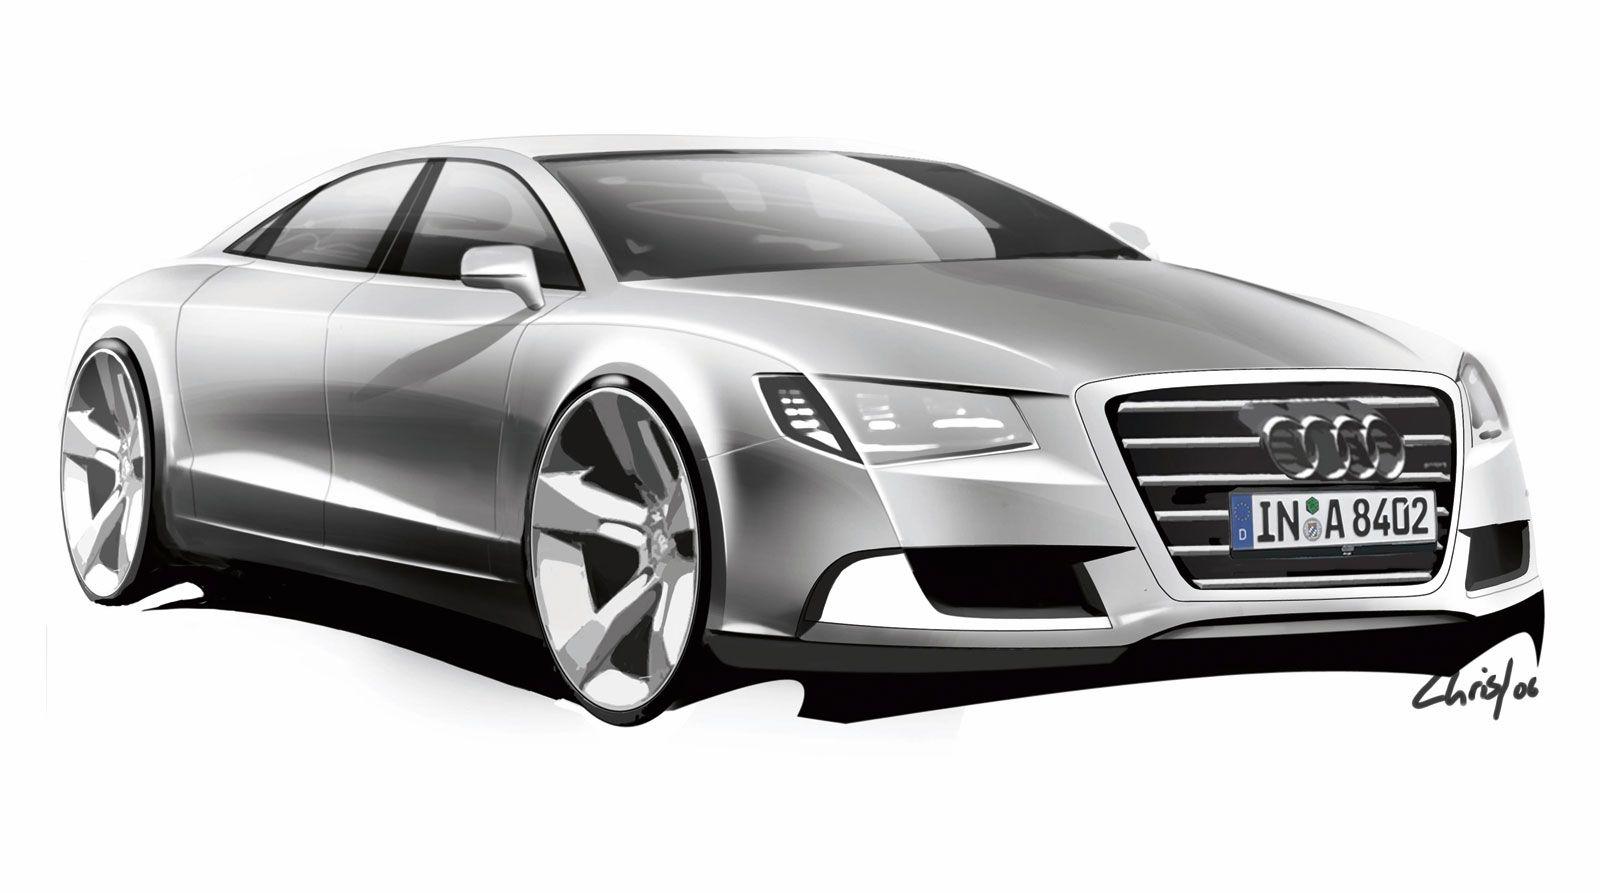 Audi A Design Sketch Sketch Pinterest Audi A - Audi car design